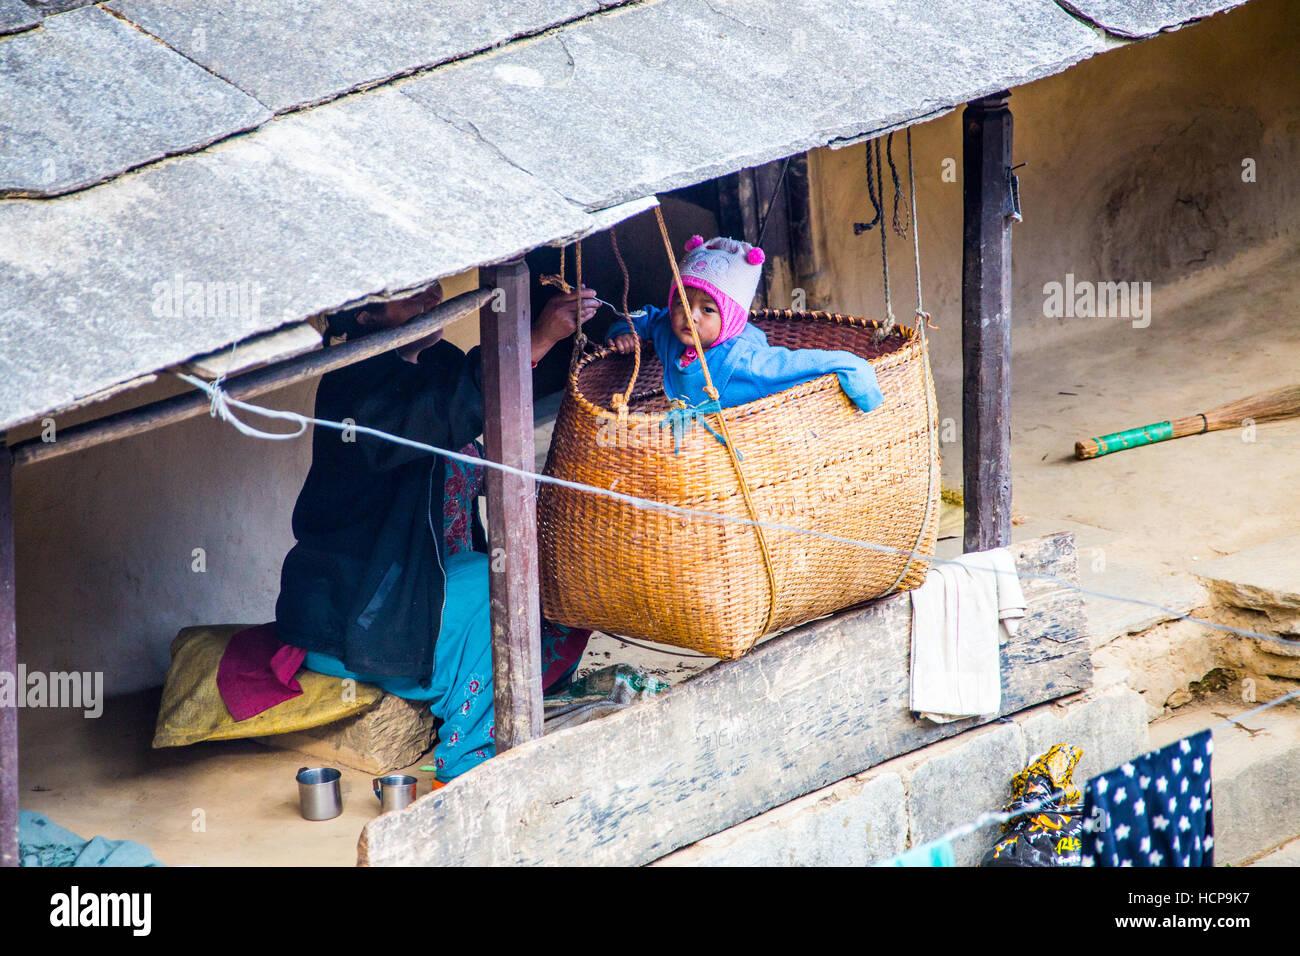 Bébé dans un berceau dans Ghandruk, Népal Photo Stock